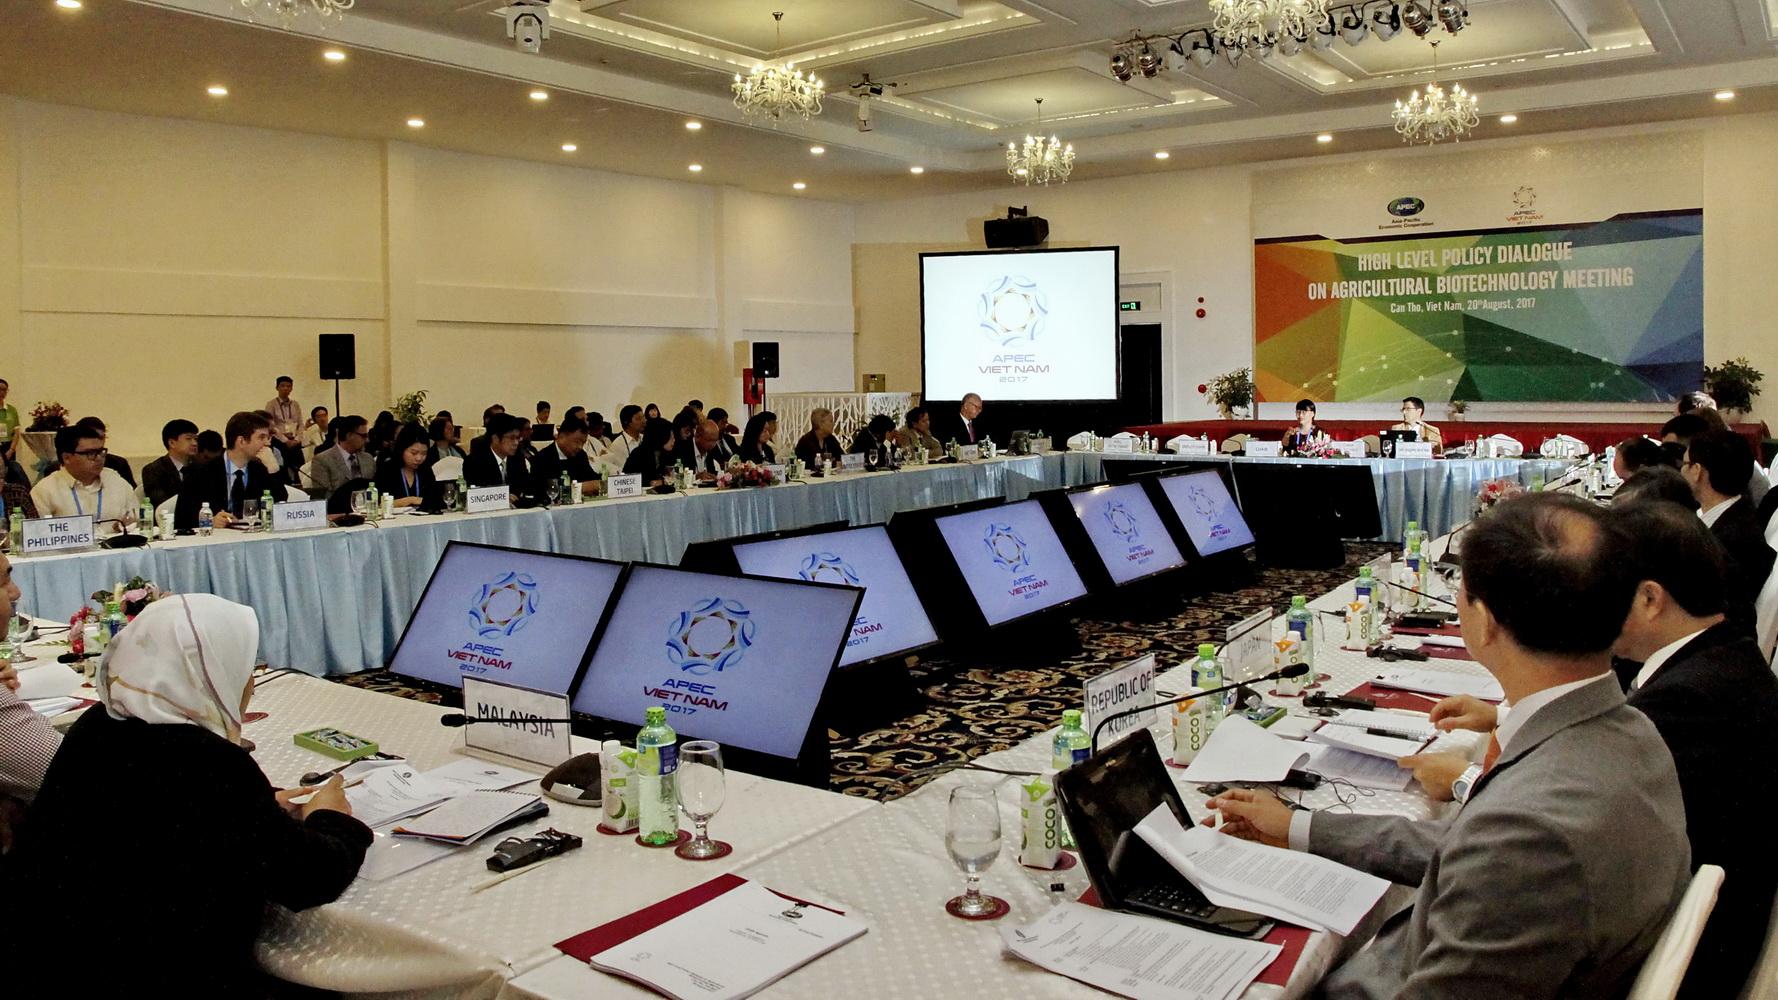 APEC thúc đẩy ứng dụng khoa học công nghệ vào toàn bộ chuỗi sản xuất nông nghiệp